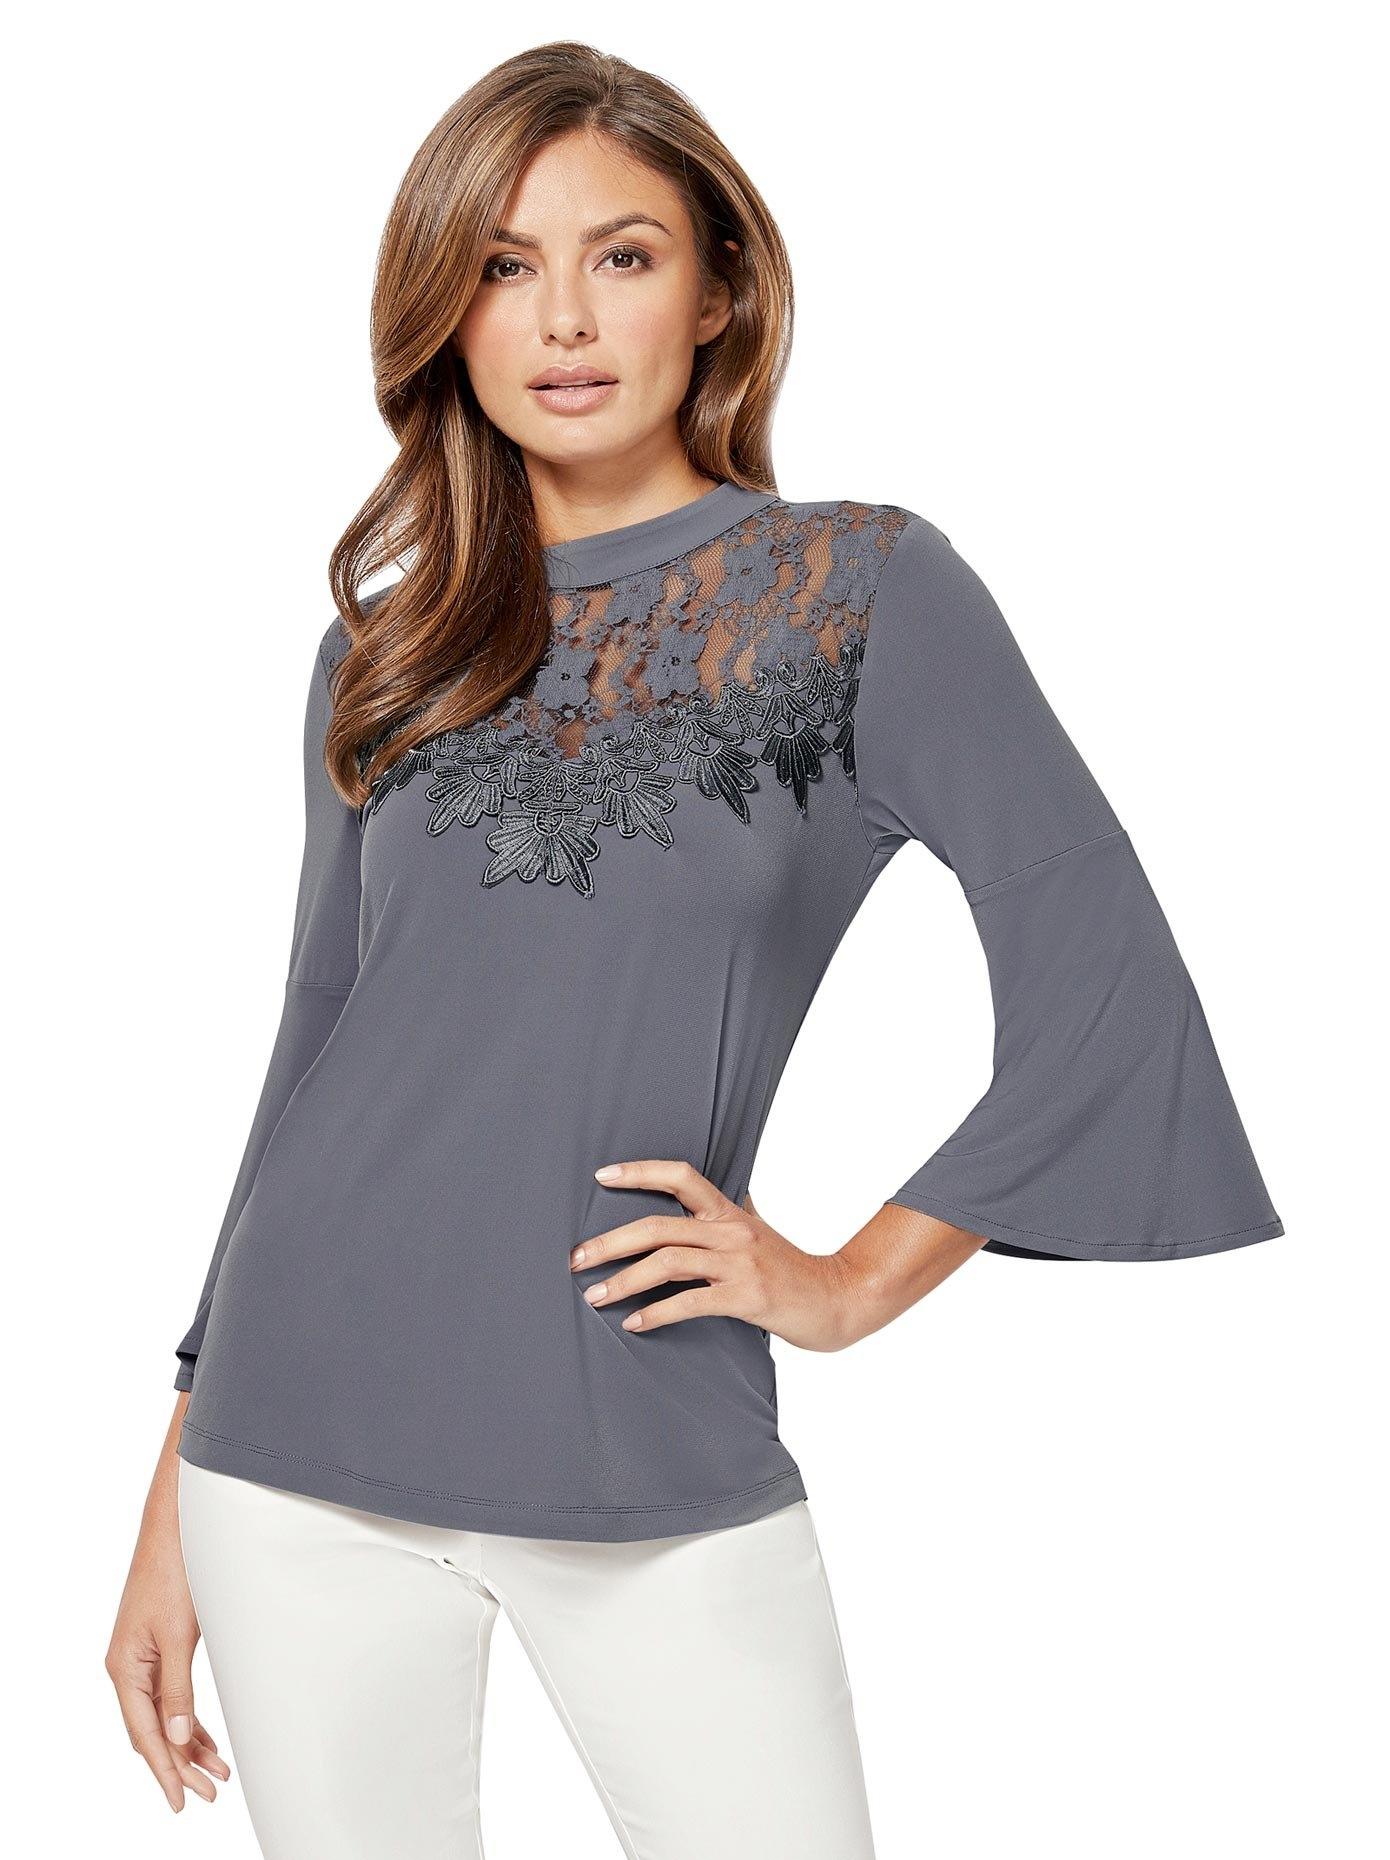 Lady kanten shirt nu online bestellen